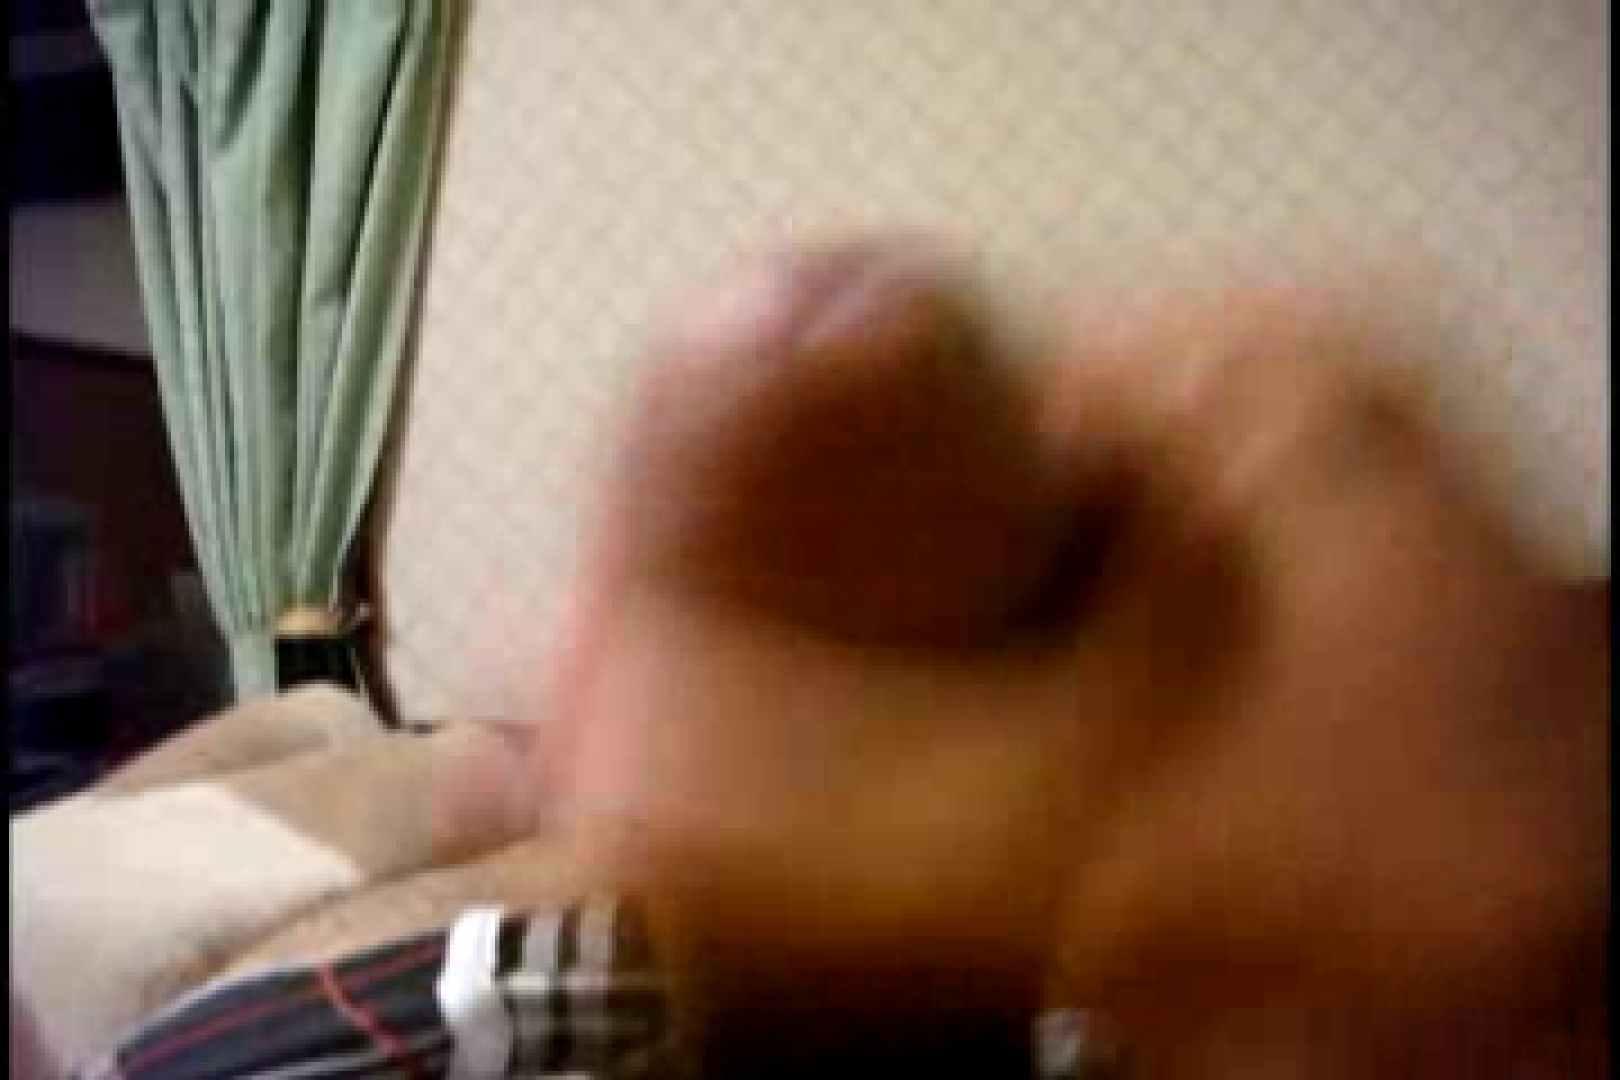 オナ好きノンケテニス部員の自画撮り投稿vol.01 ブリーフ ゲイセックス画像 82枚 40